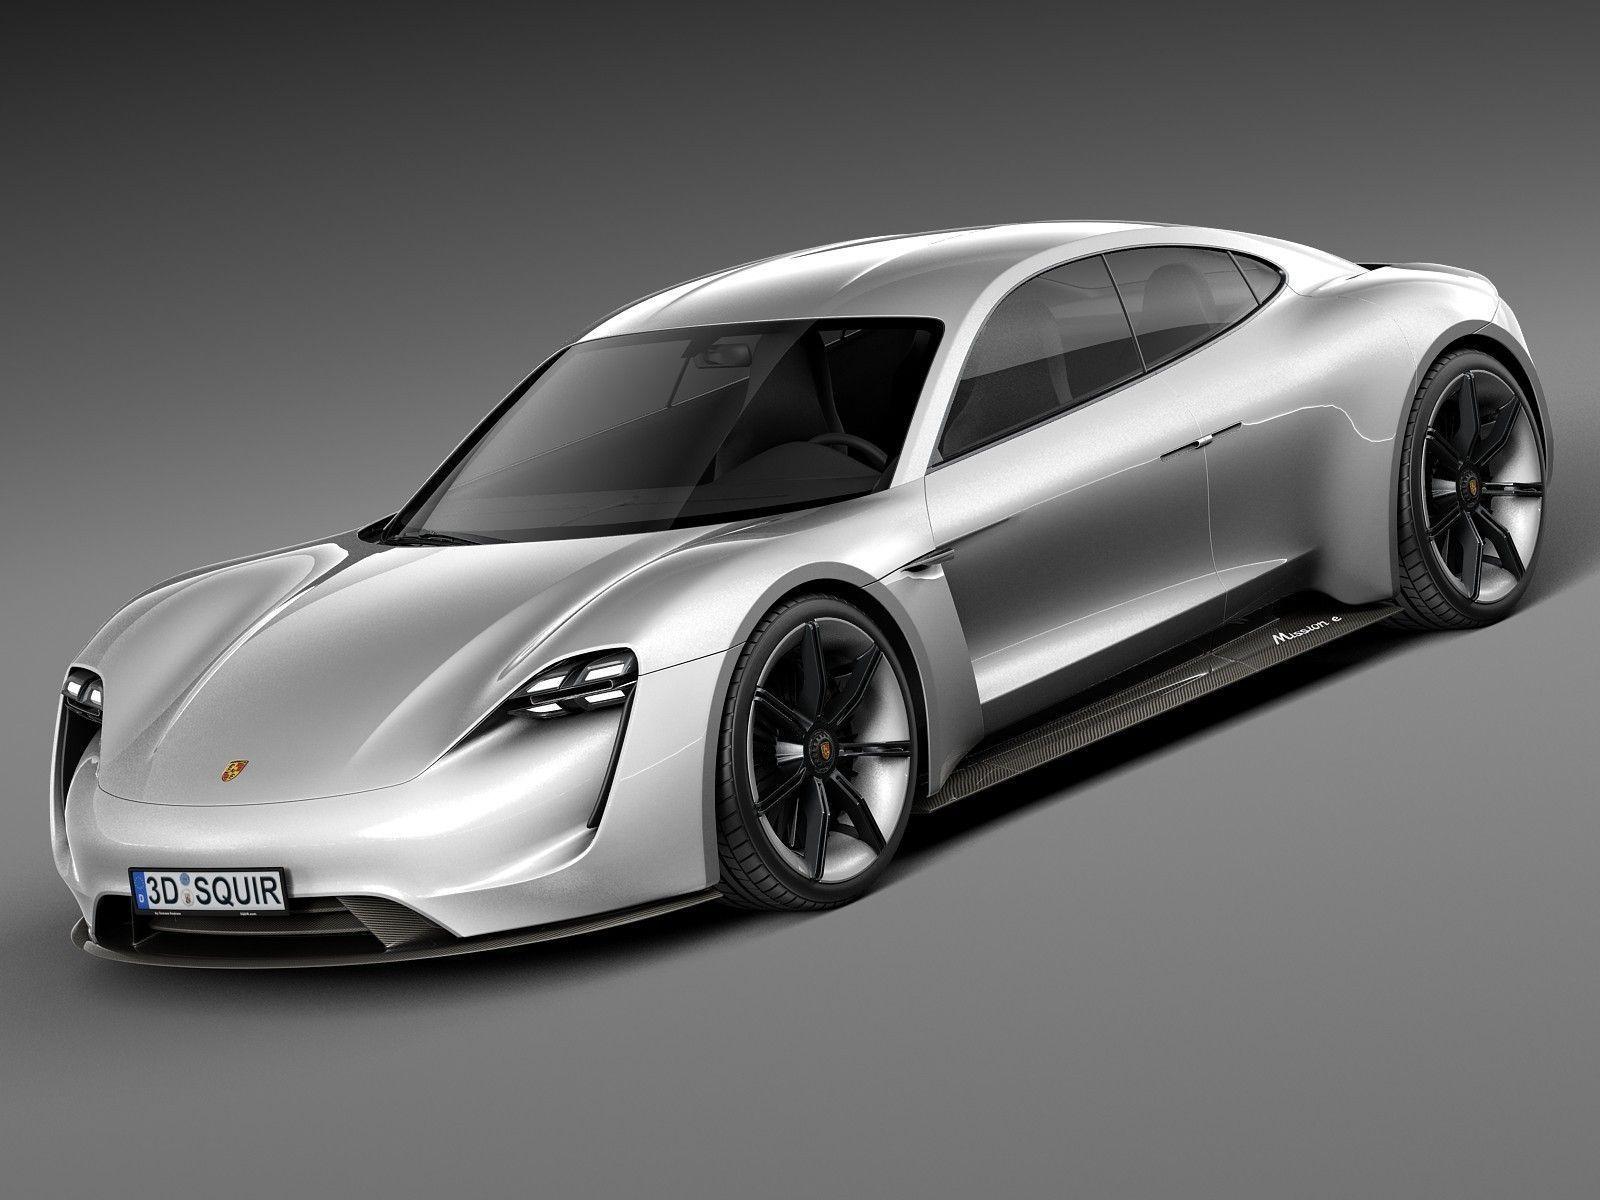 Porsche Mission E Concept 2015 3d Model Max Obj 3ds